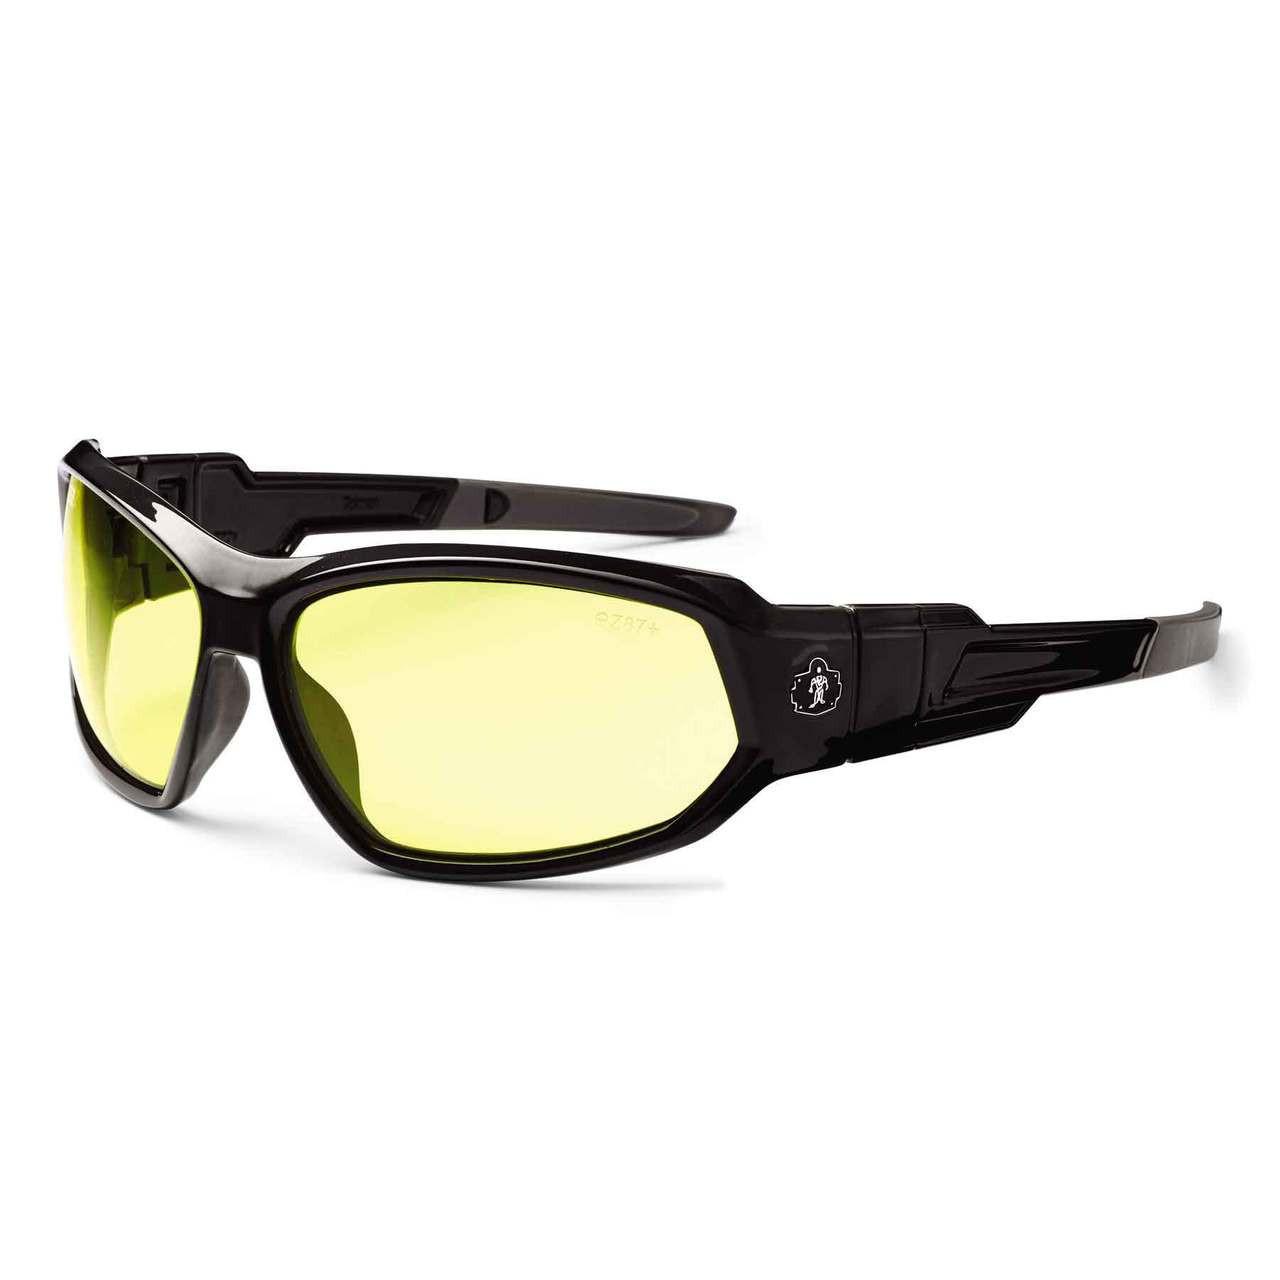 35704a93ef Ergodyne Skullerz LOKI Yellow Lens Black Safety Glasses    Goggles - Jendco  Safety Supply